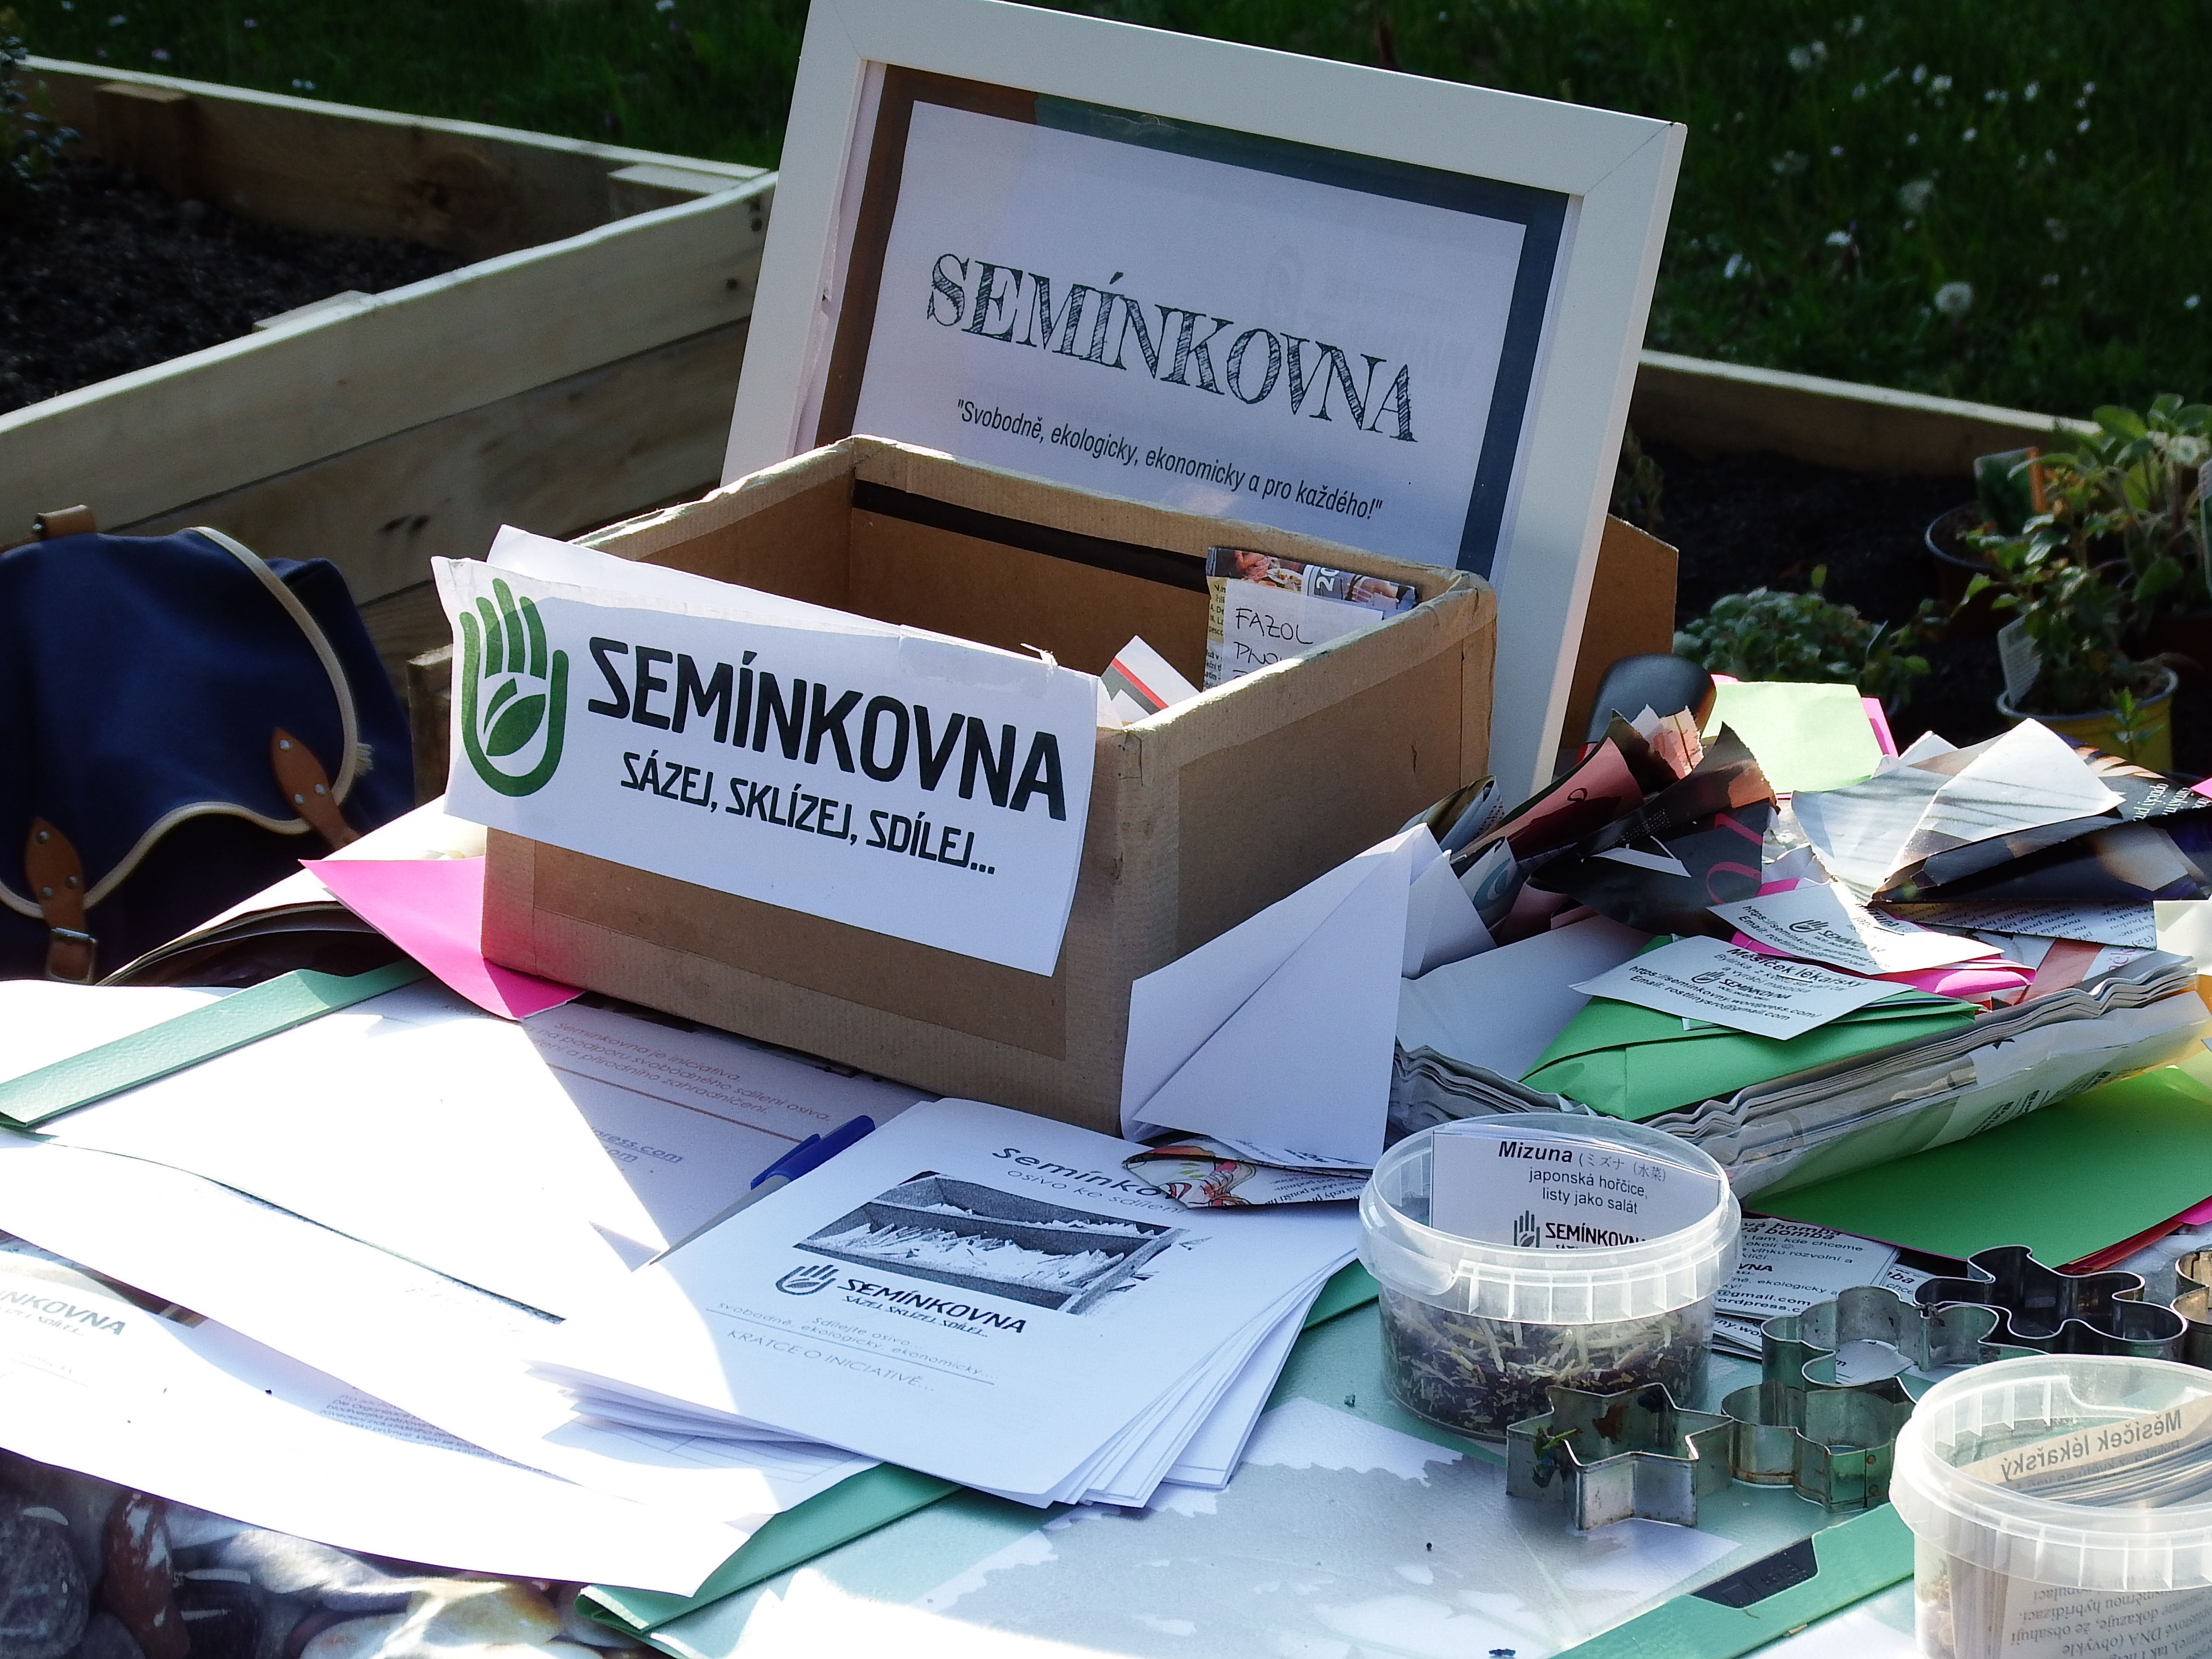 Nechceme, aby se umění domácího semenaření vytratilo, říká zakladatelka Semínkovny Klára Hrdá